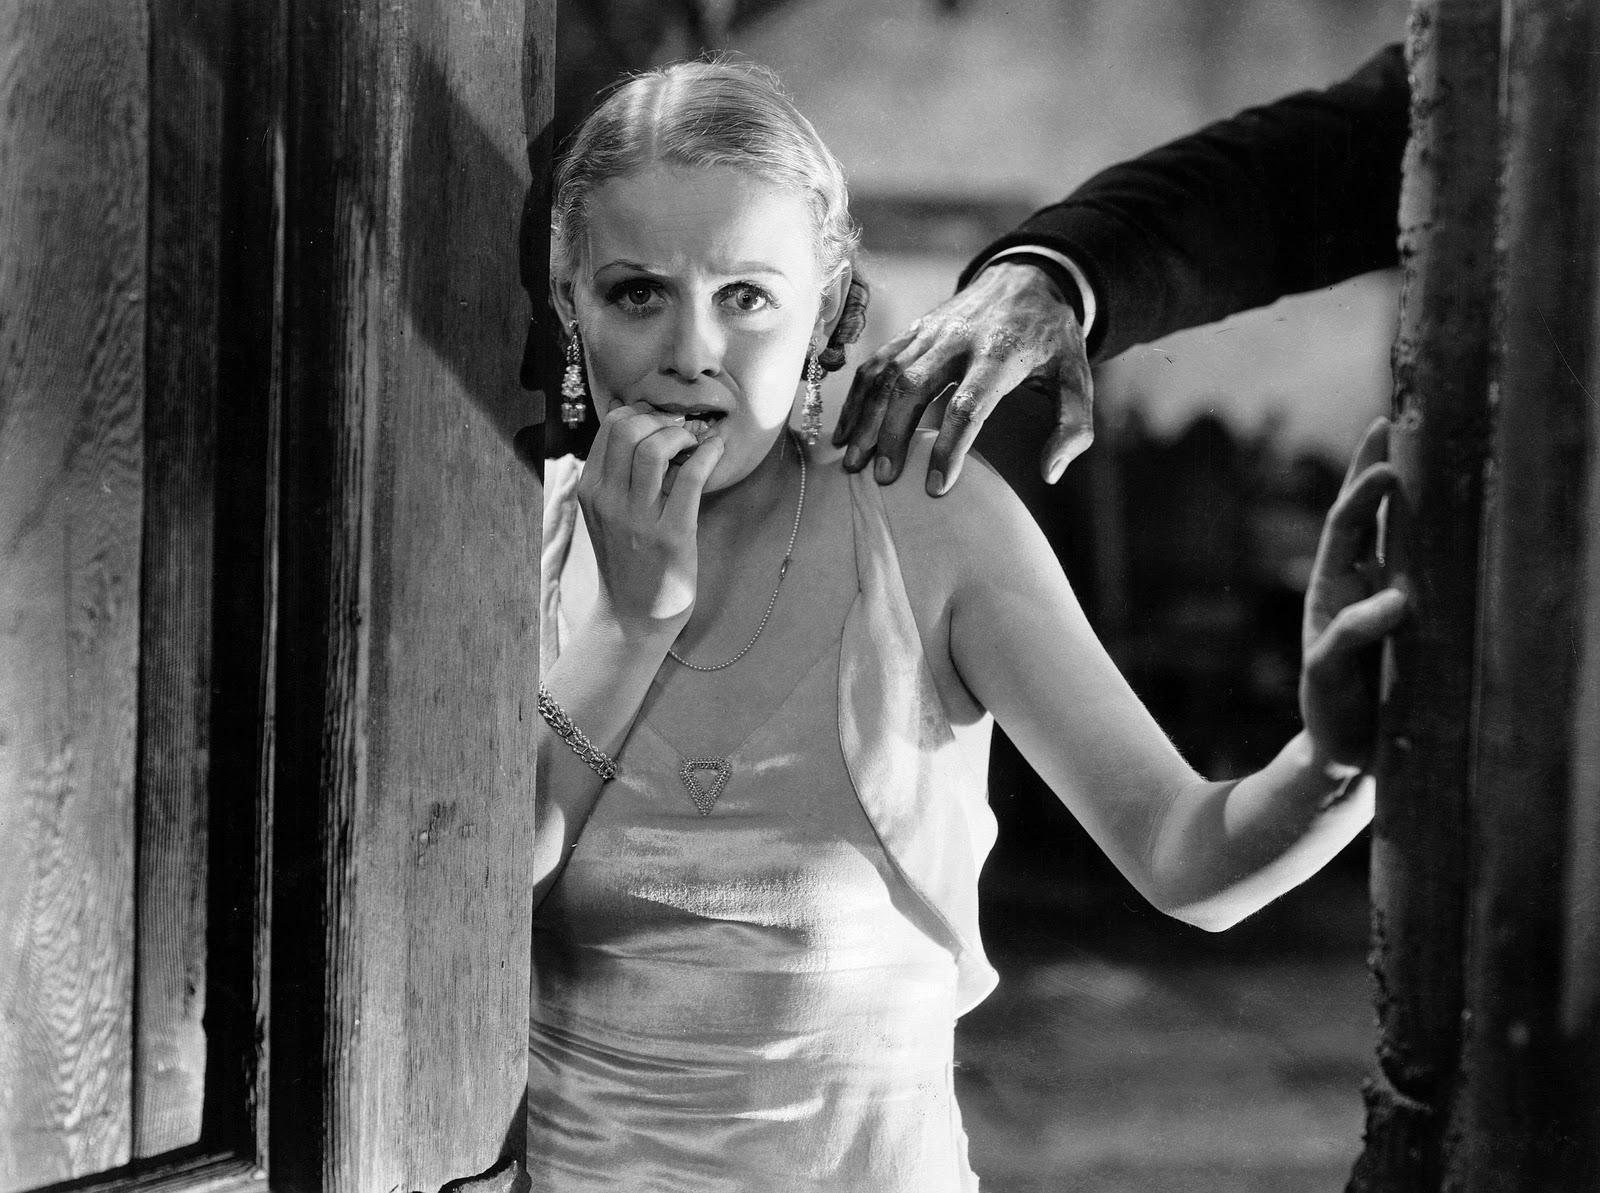 the-old-dark-house-1932-still-b